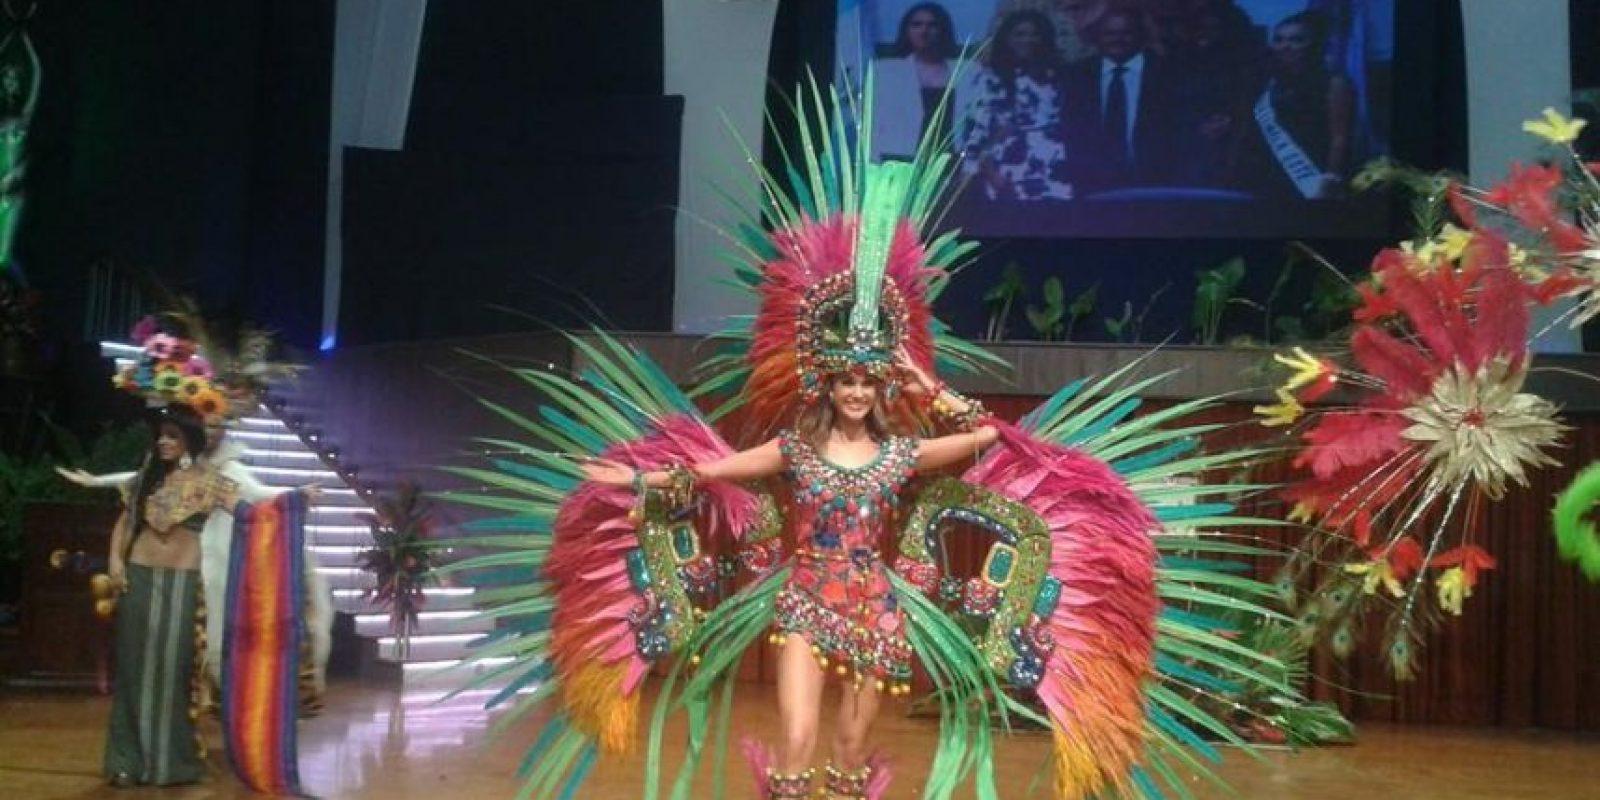 Probablemente, Ana Luisa Montufar nunca llevó tantos accesorios encima Foto:Facebook/Miss Guatemala